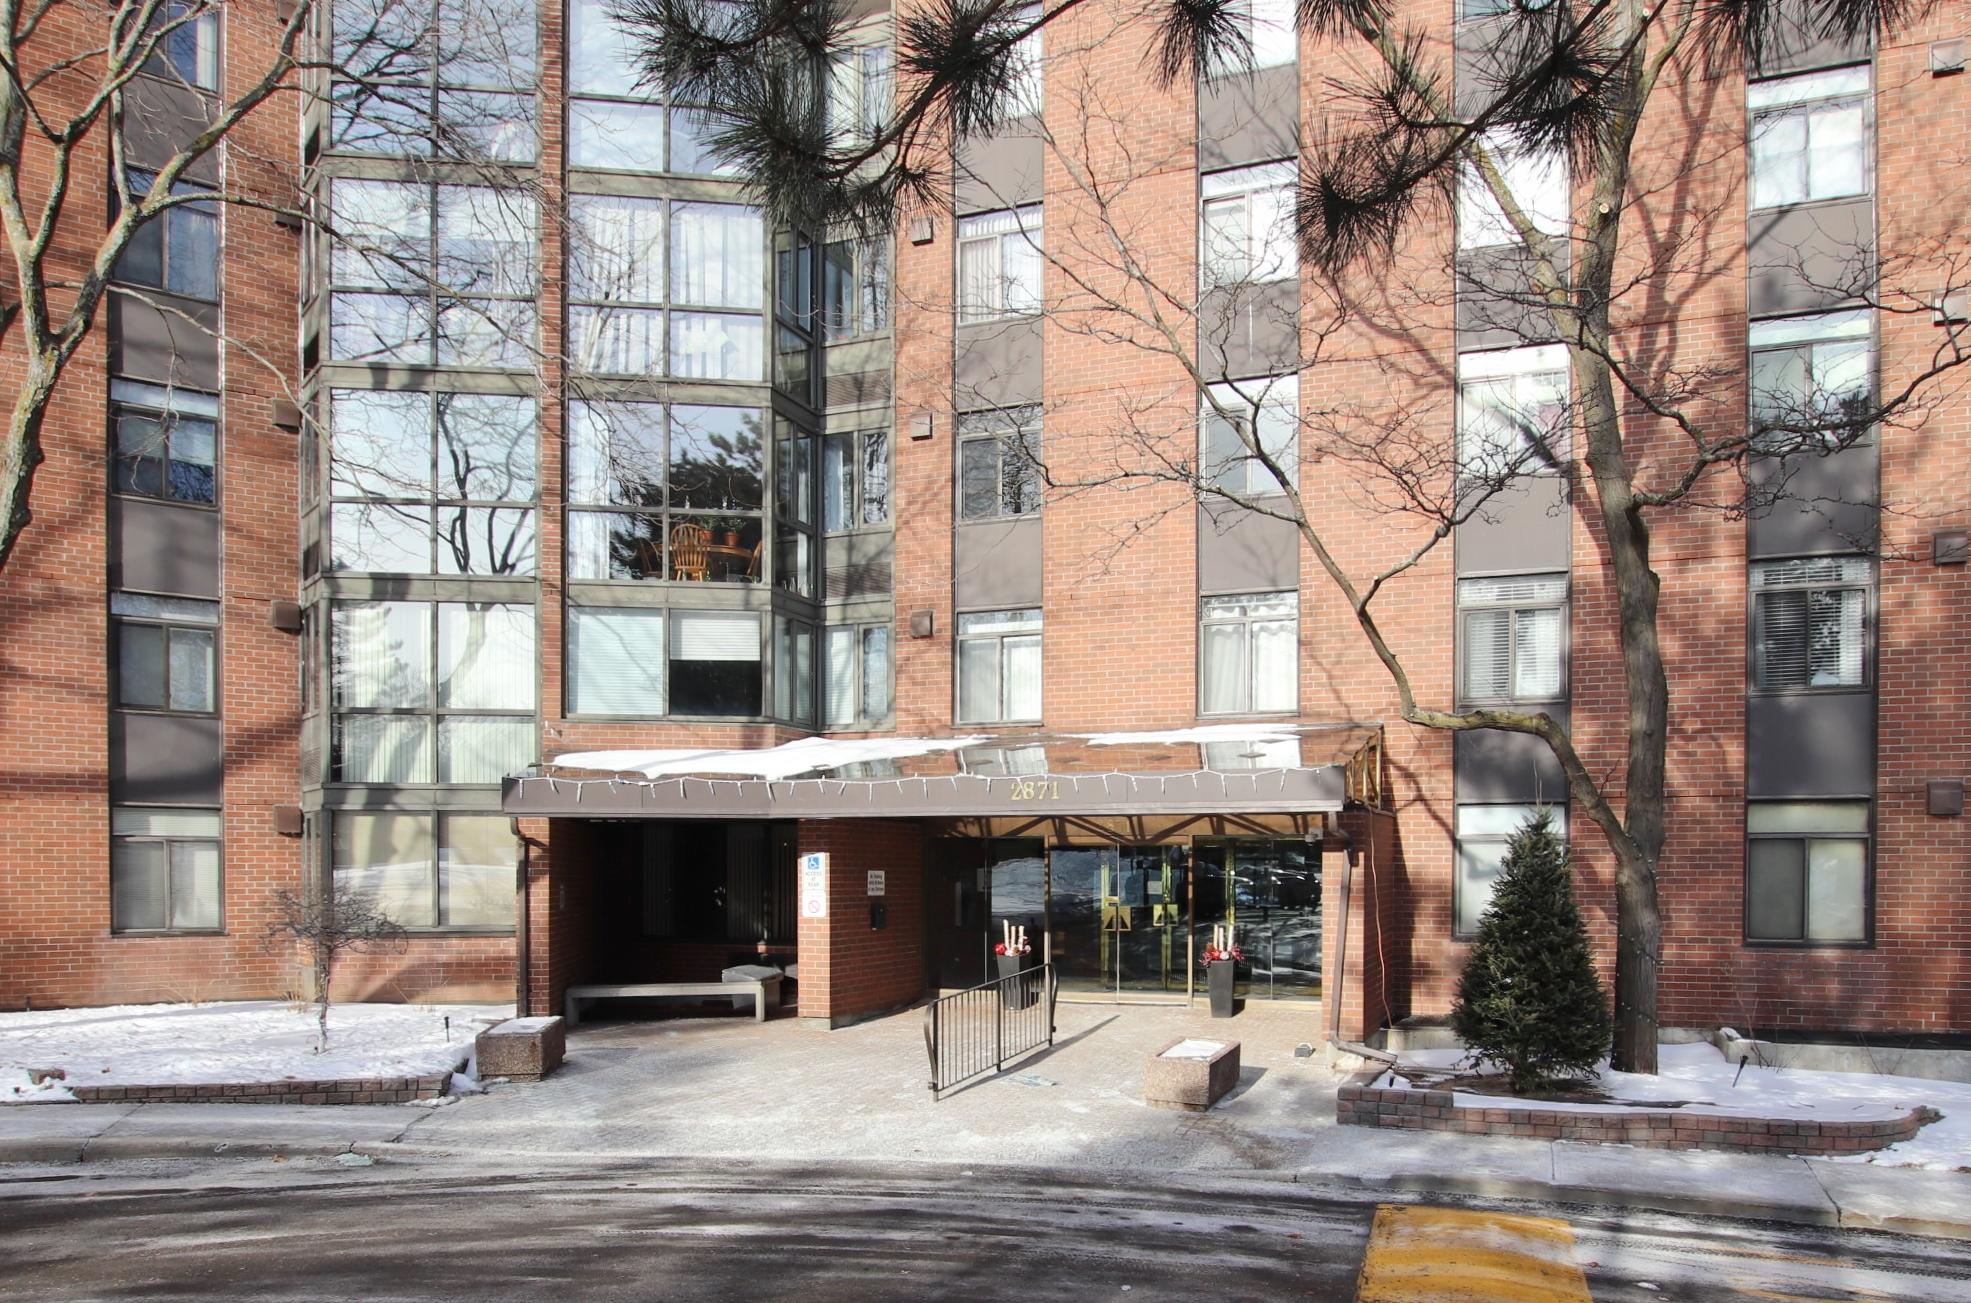 2871 Richmond Rd #110, Ottawa, Ontario